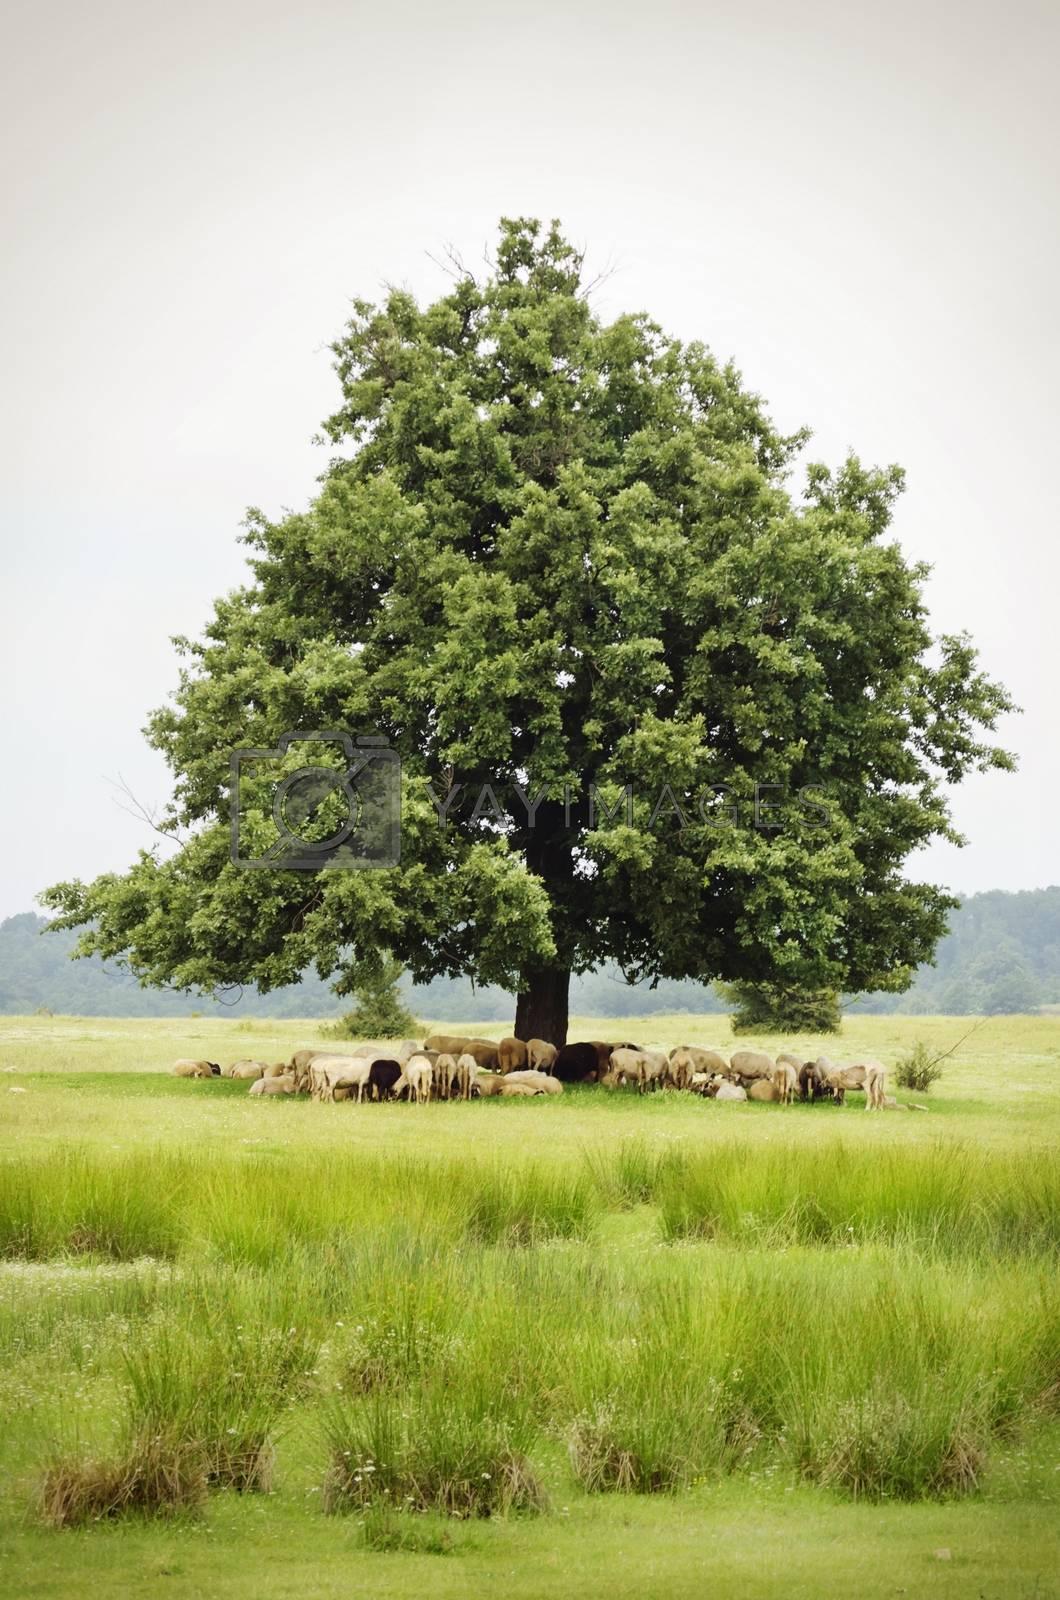 Single Oak With Sheeps in Rural Landscape